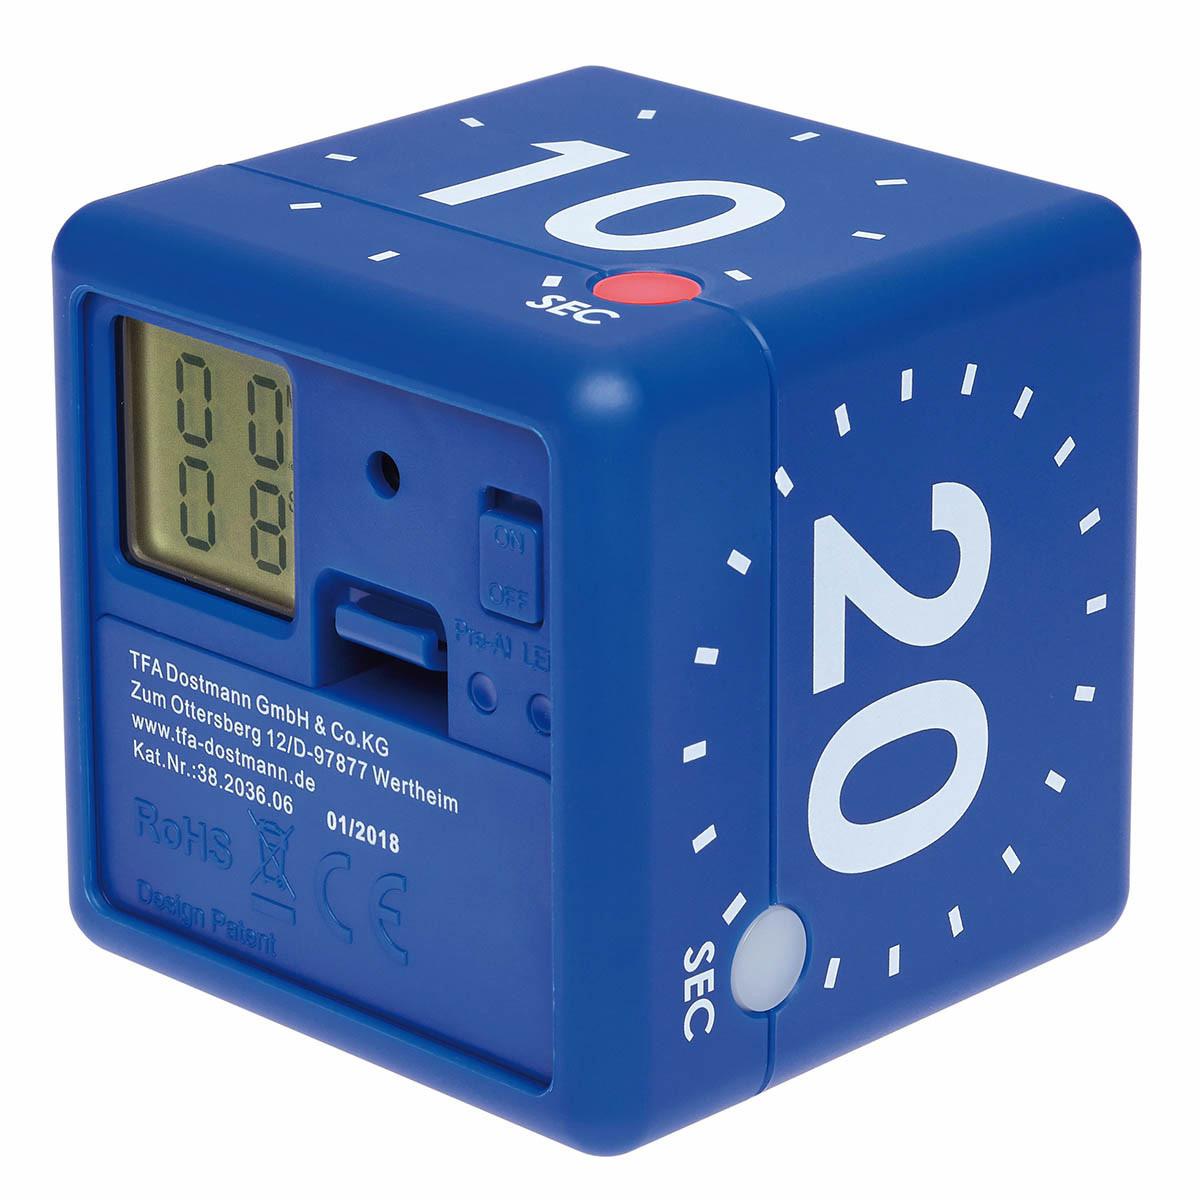 38-2036-06-digitaler-würfel-timer-cube-timer-anwendung-1200x1200px.jpg